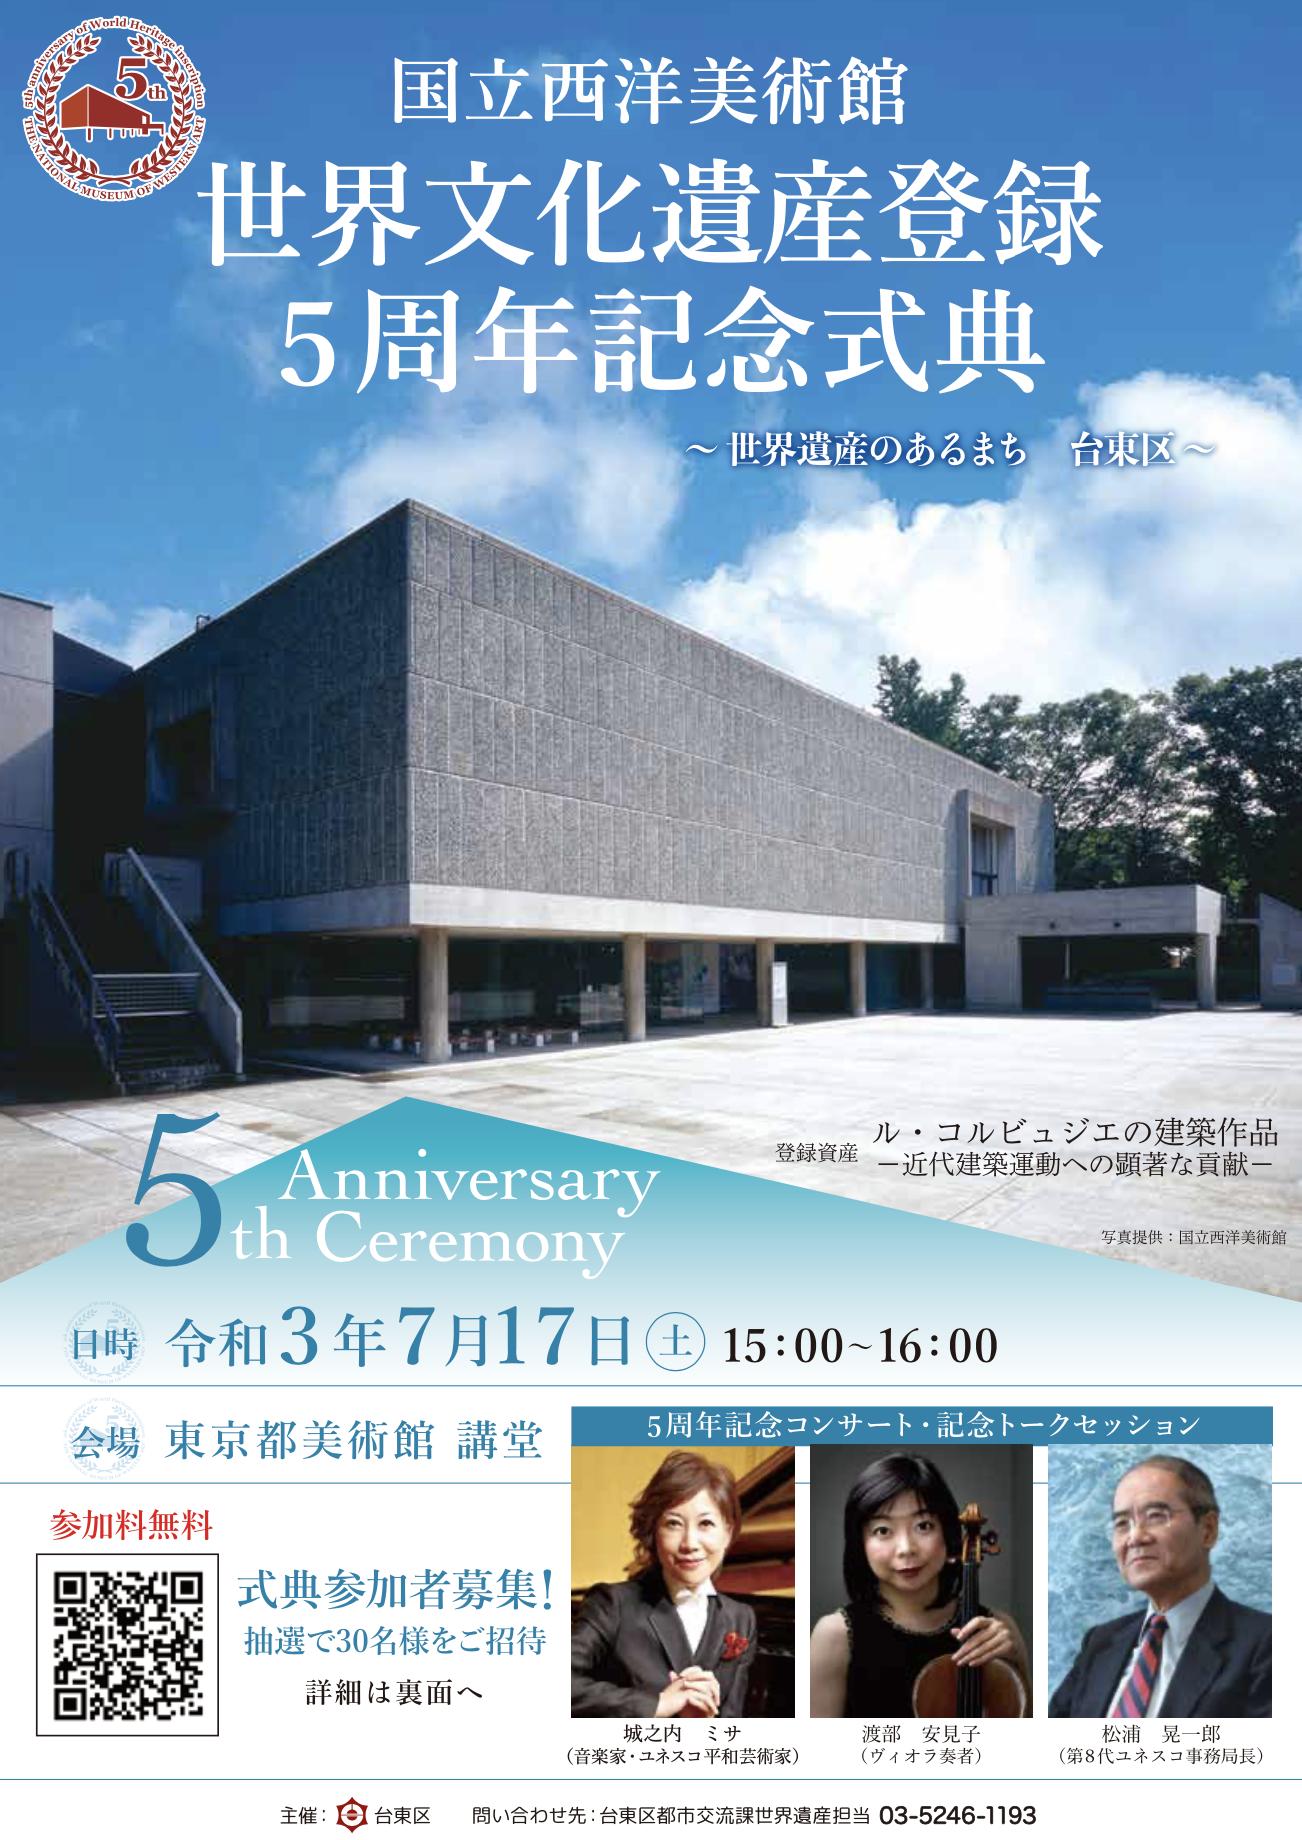 2021年7月17日(土) 国立西洋美術館 世界文化遺産登録 5周年記念式典~世界遺産のあるまち 台東区~